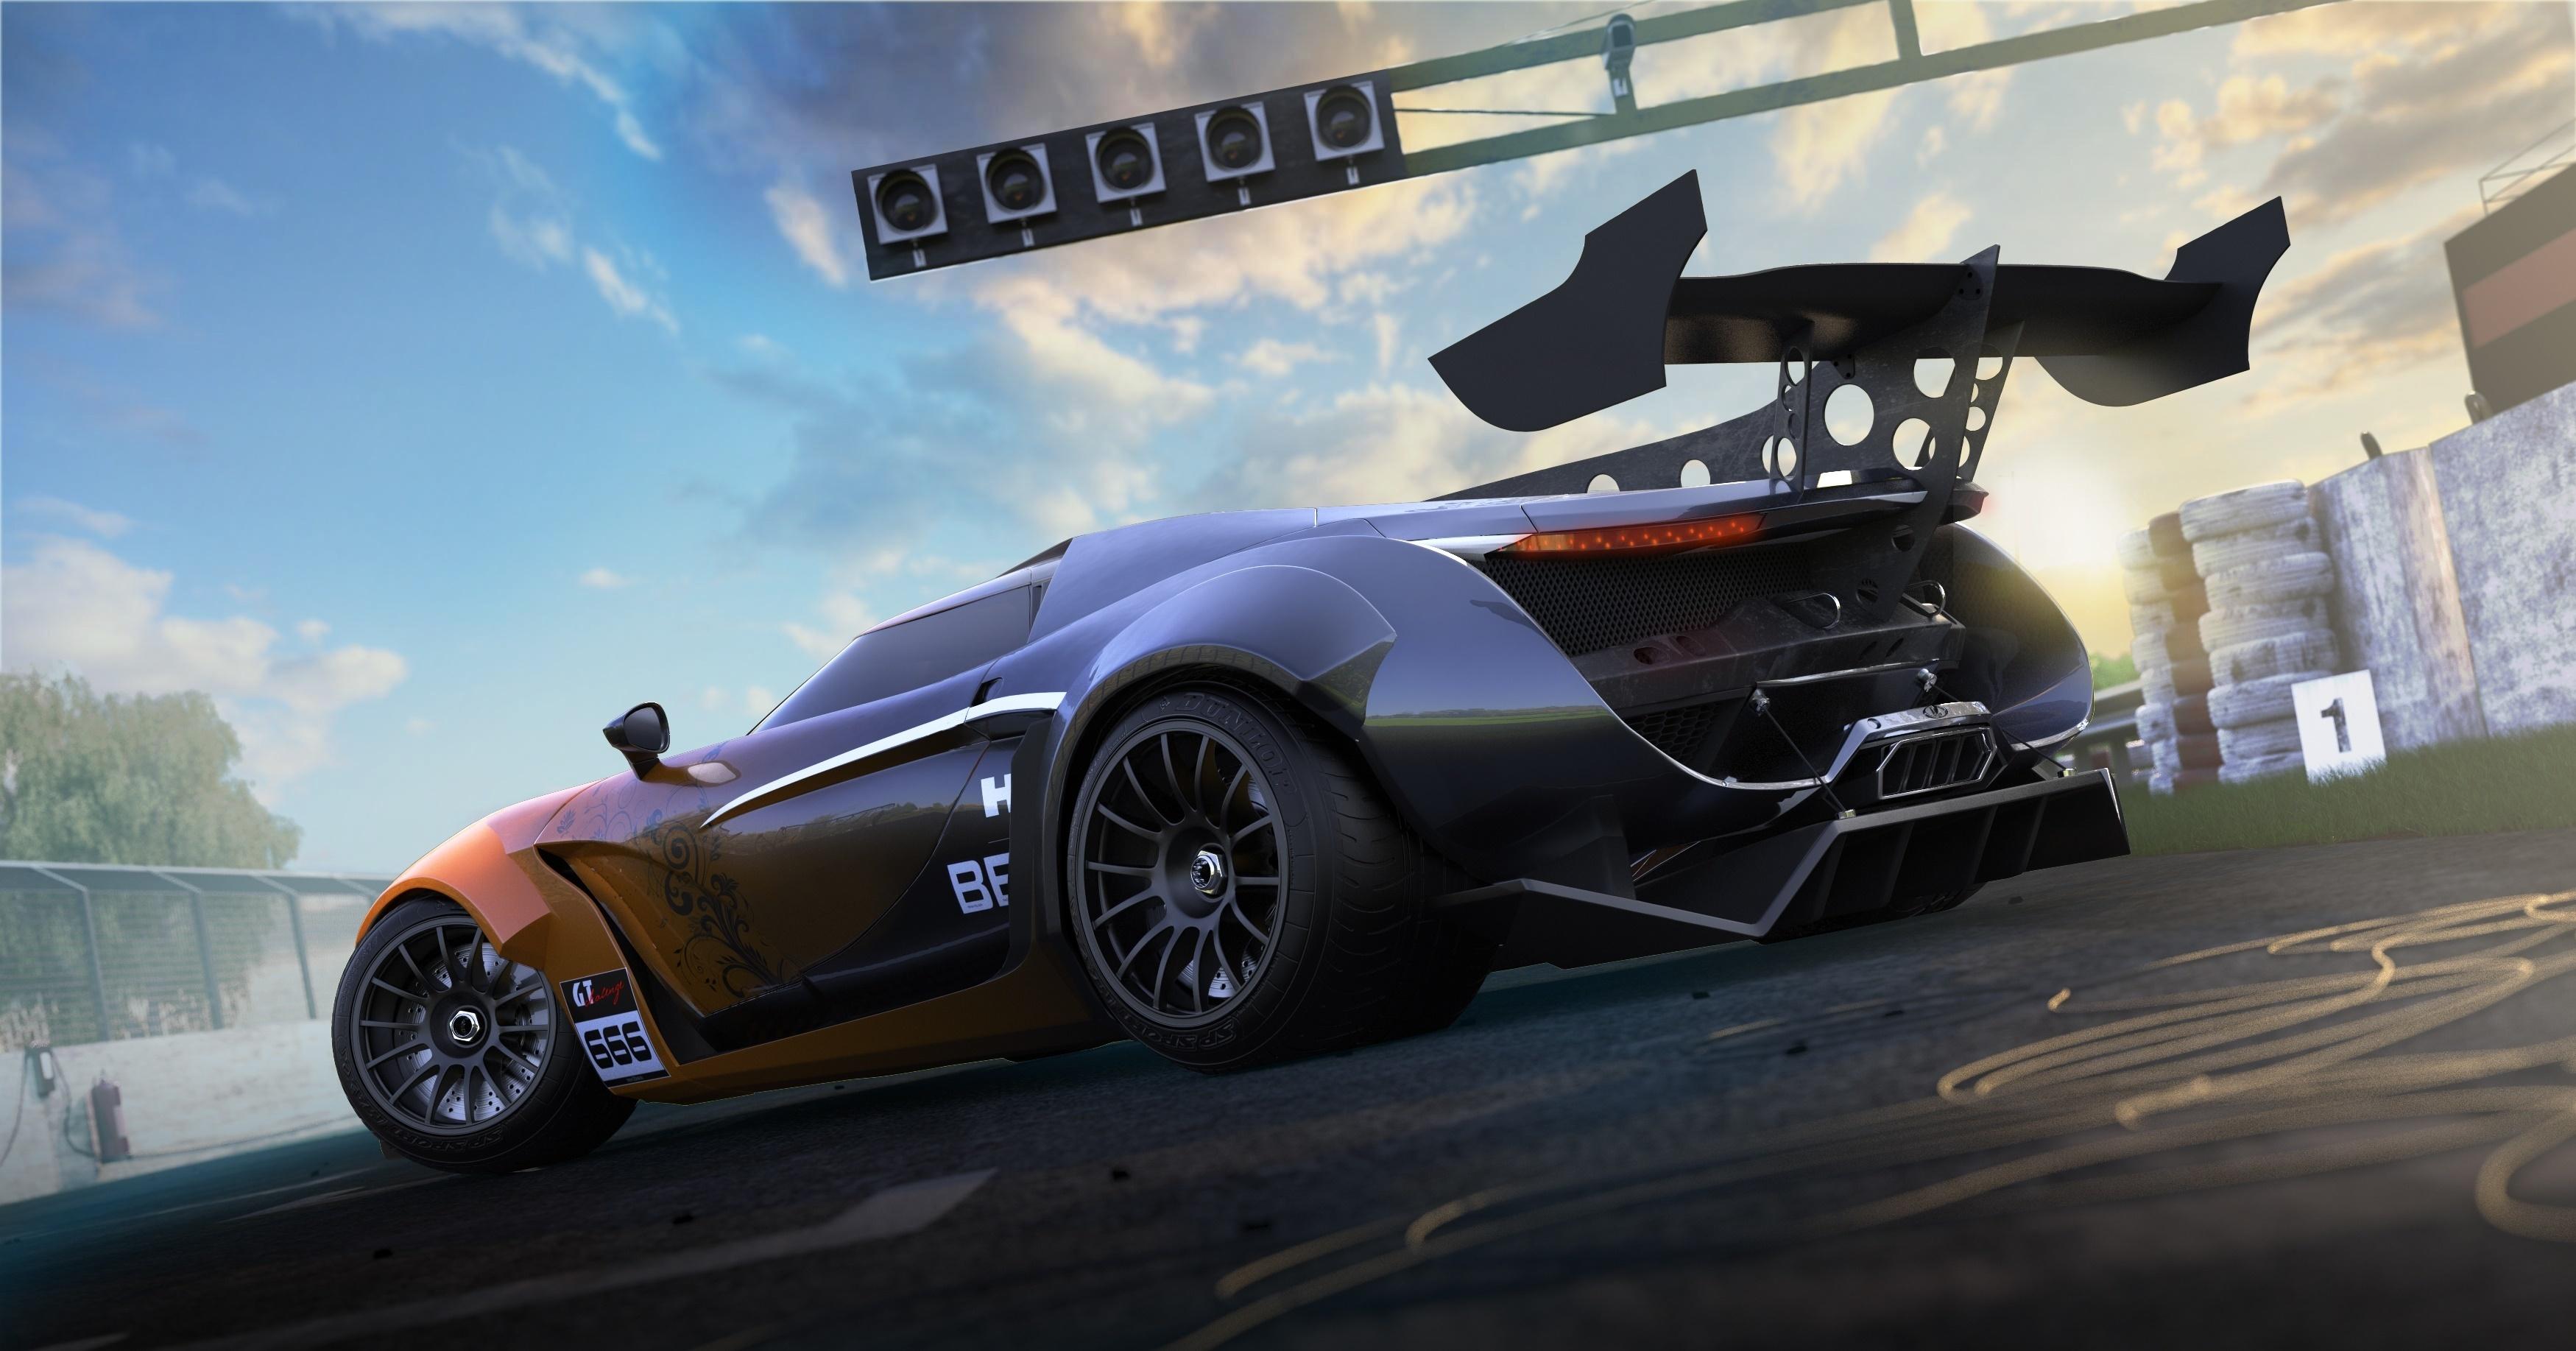 Fondos De Pantalla Para Pc De Autos: Need For Speed (2015) HD Wallpaper